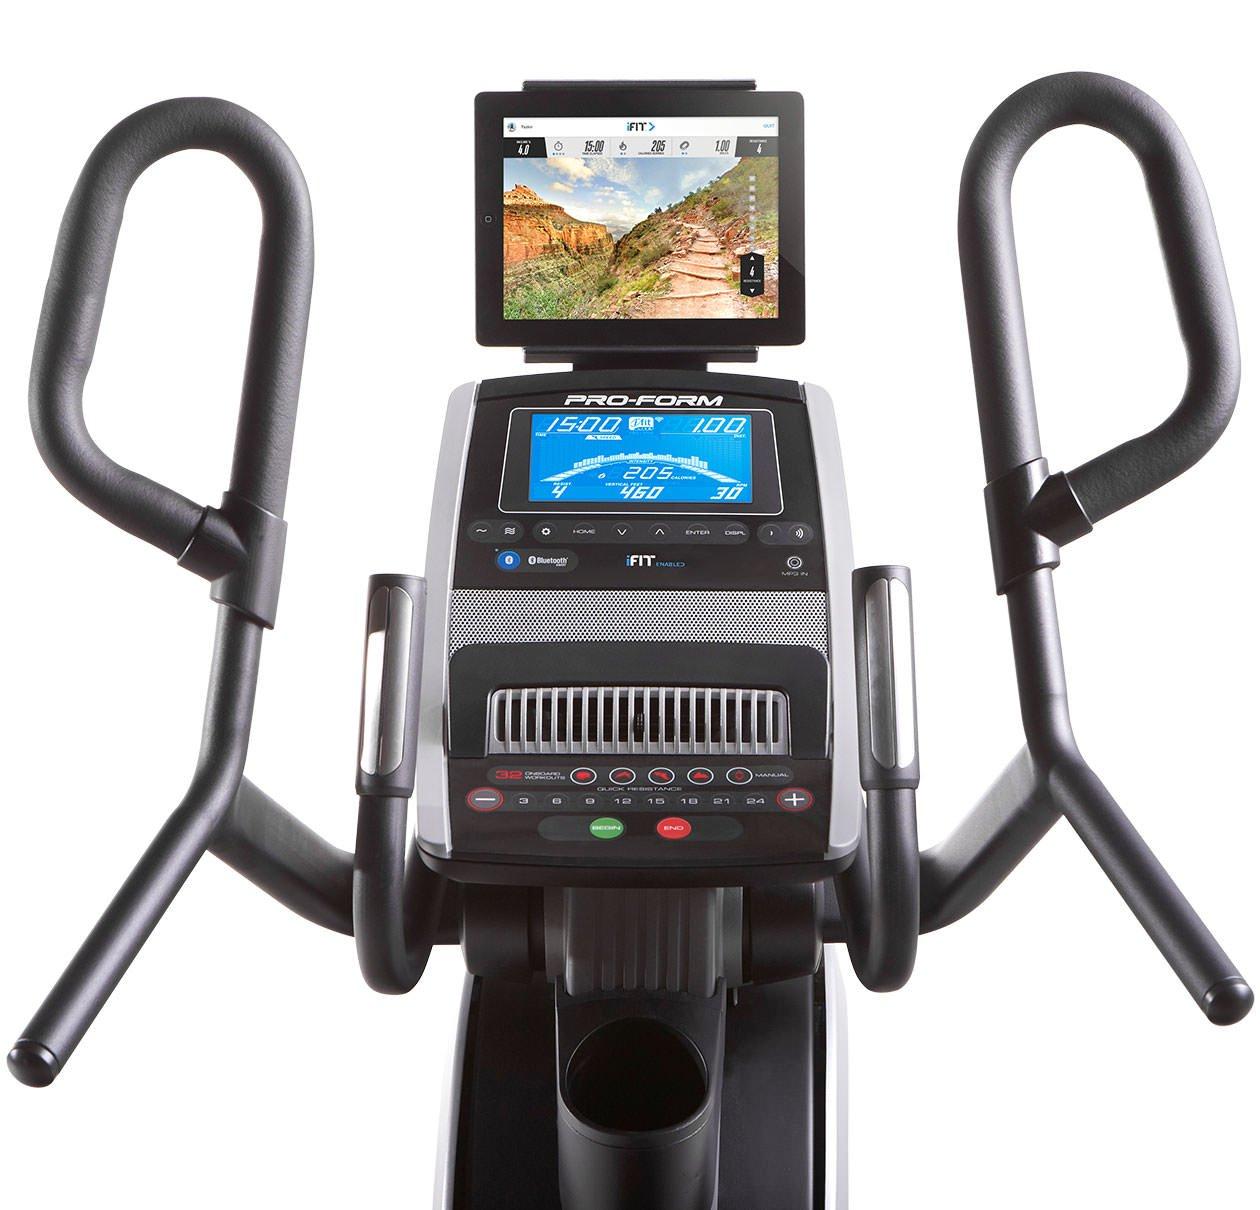 ProForm HIIT Trainer Display